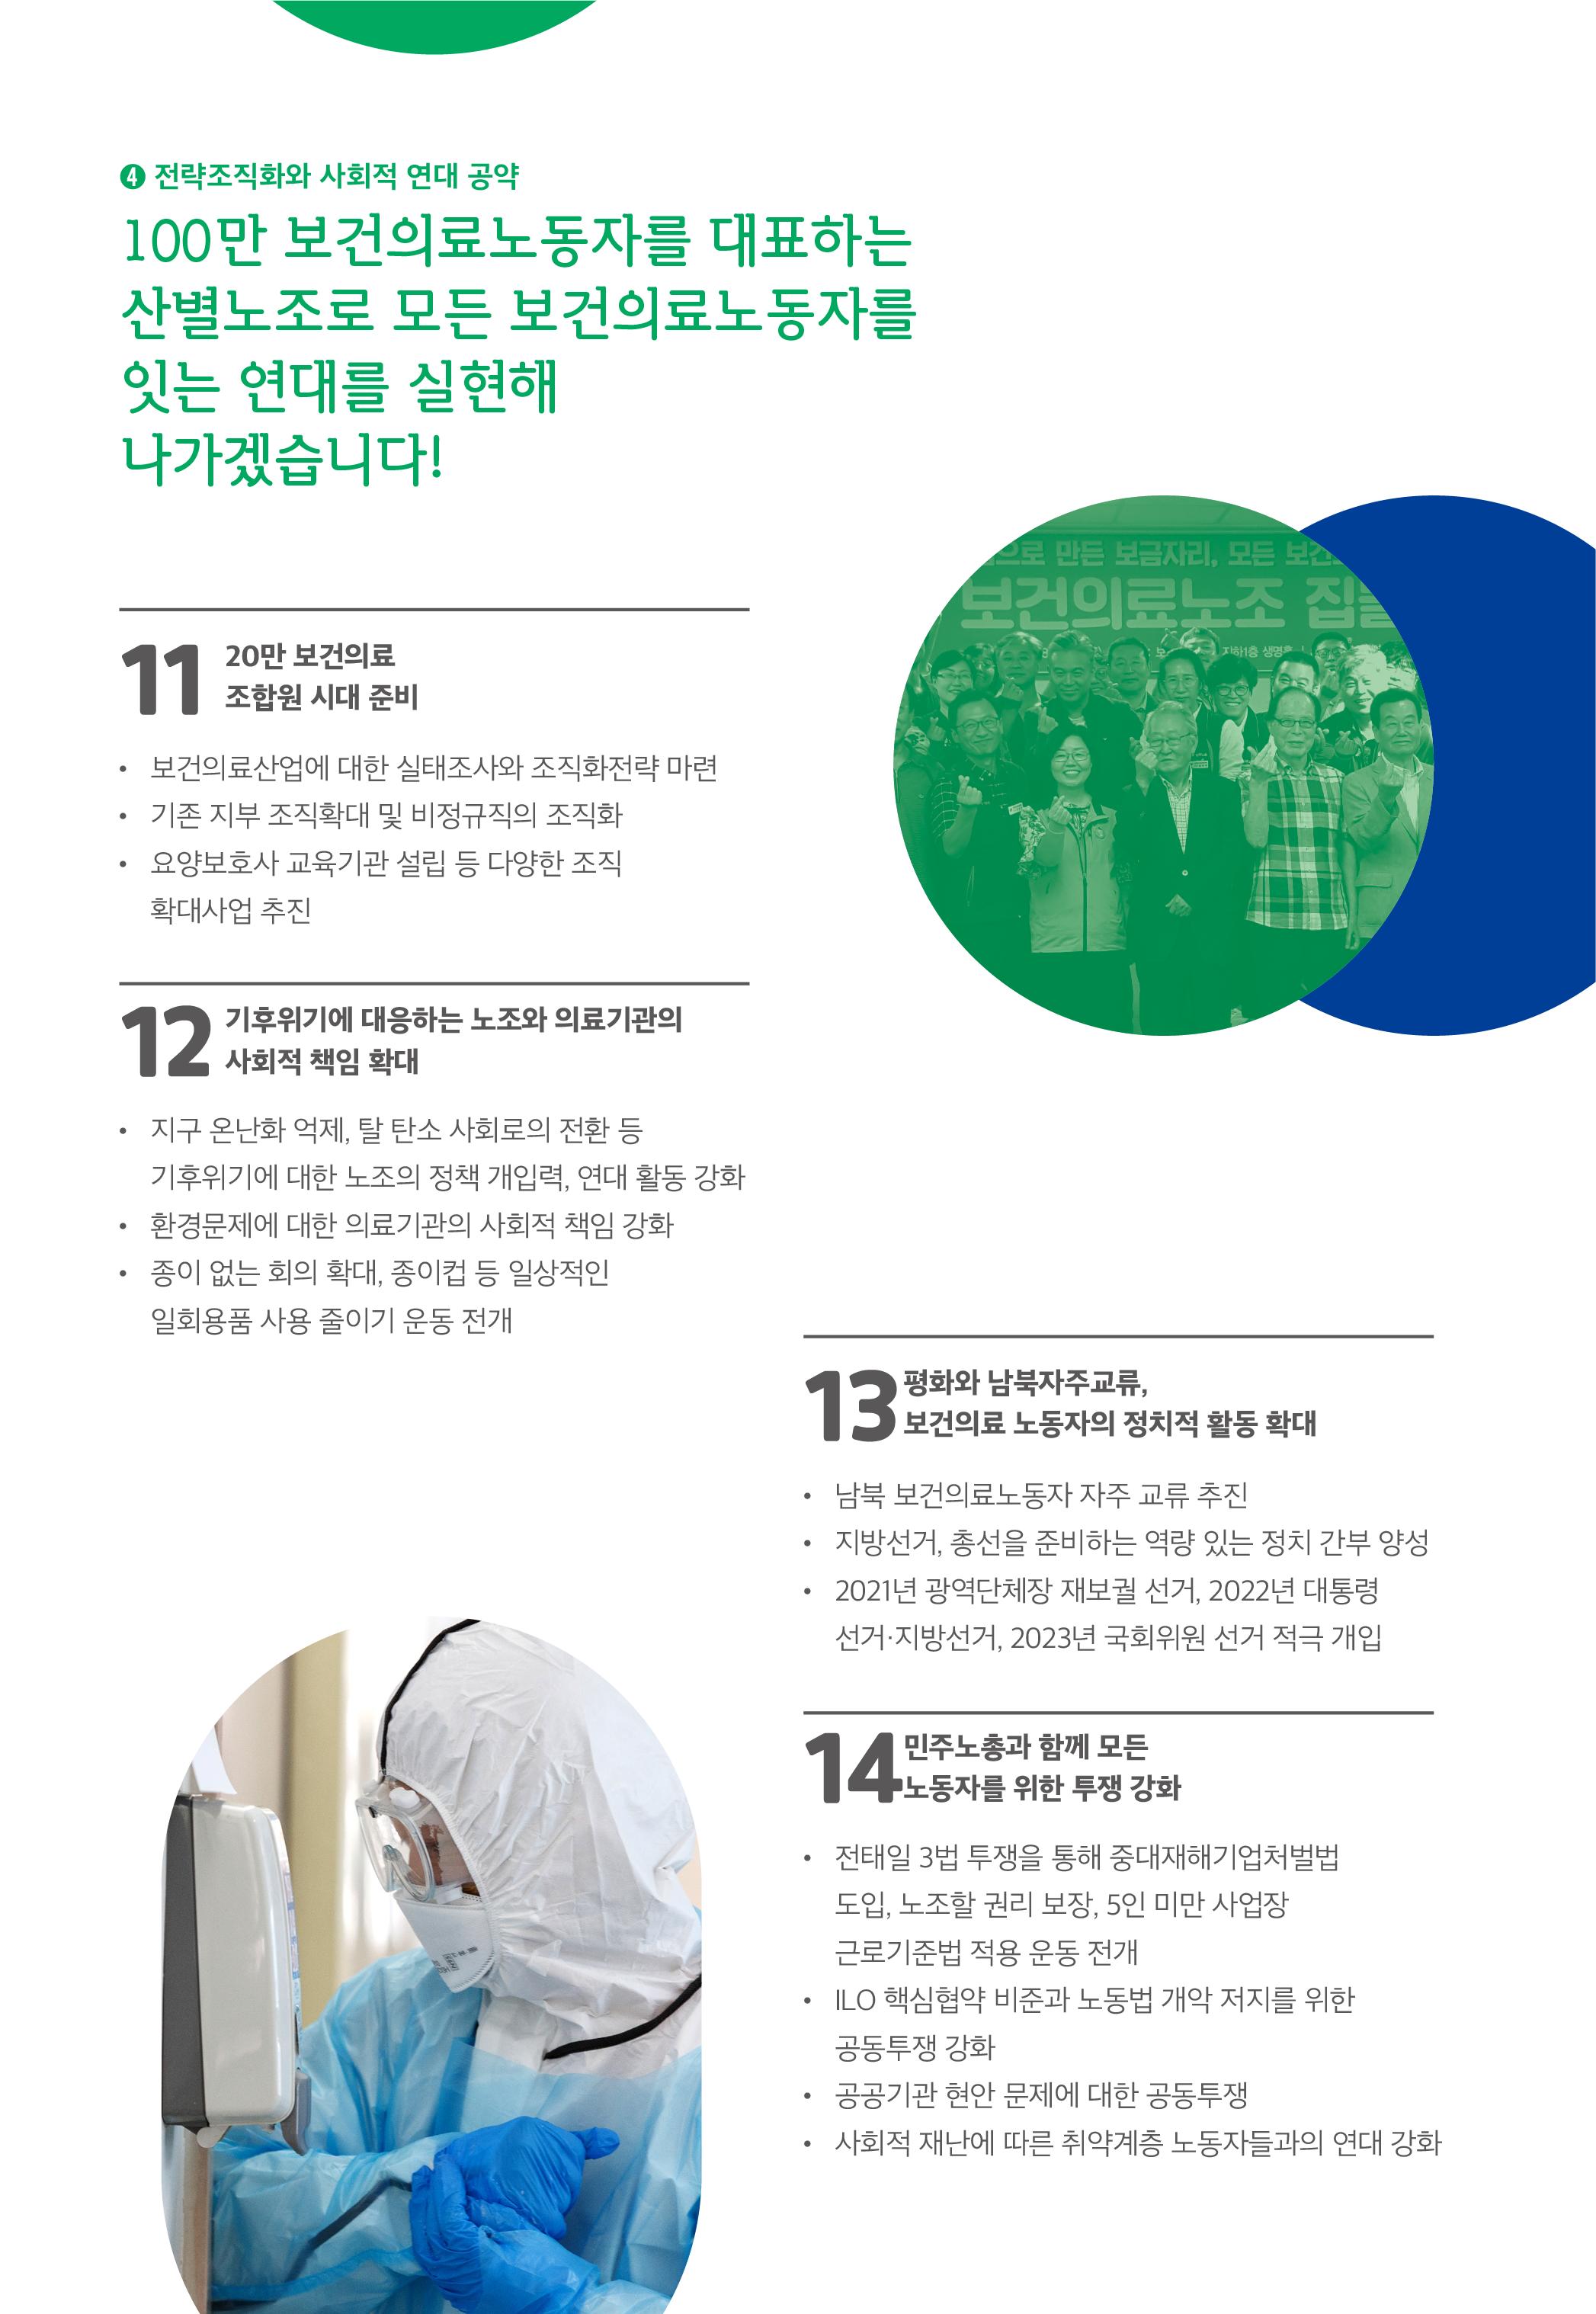 9기임원선거_공약-04.png